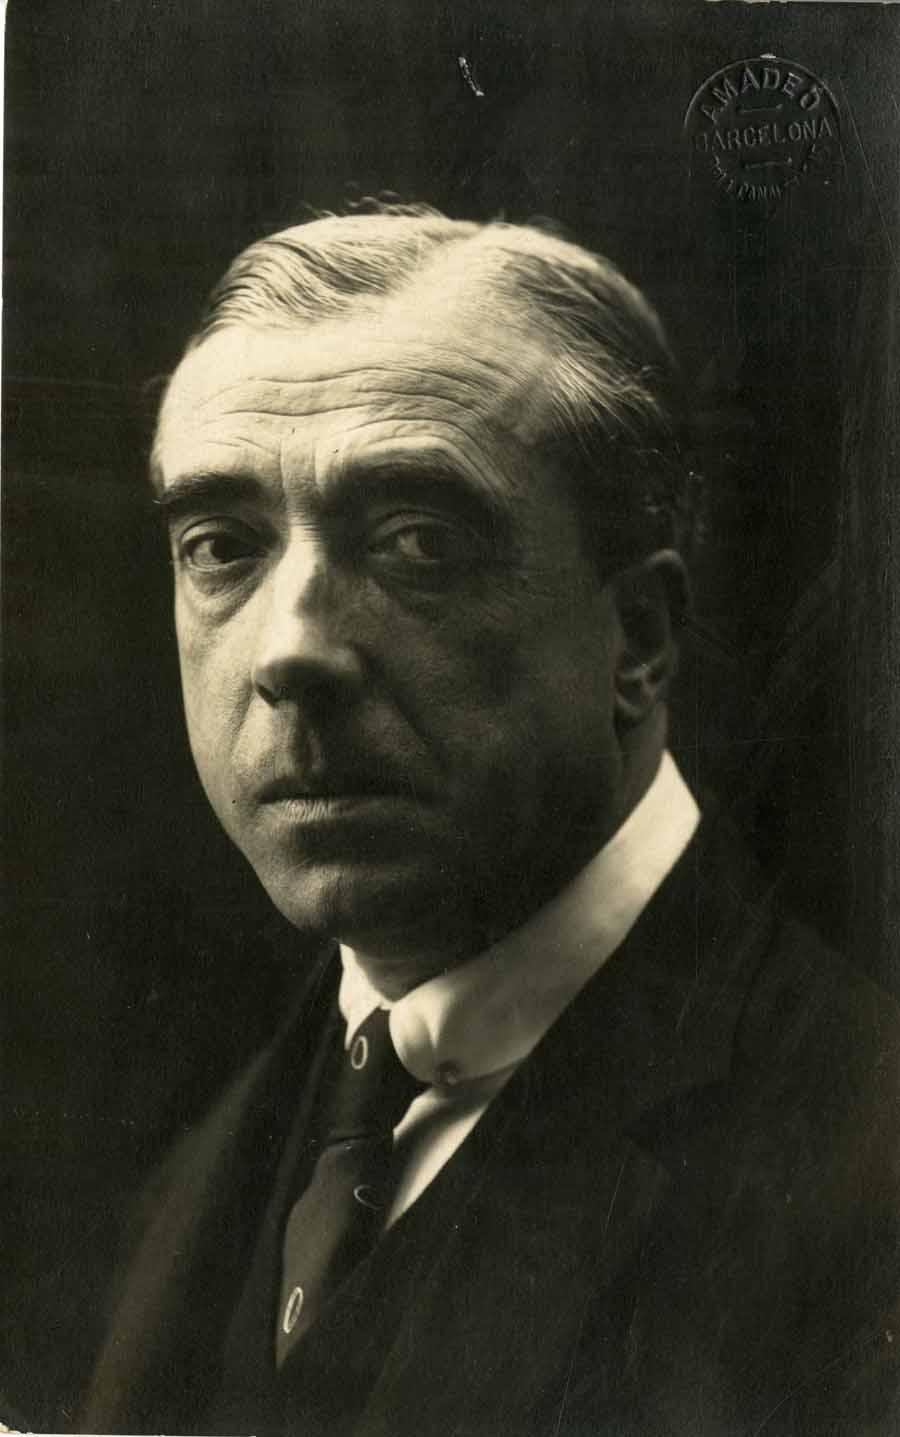 Retrat d'Adrià Gual, fotografiat per Amadeo, anys 1910-1920